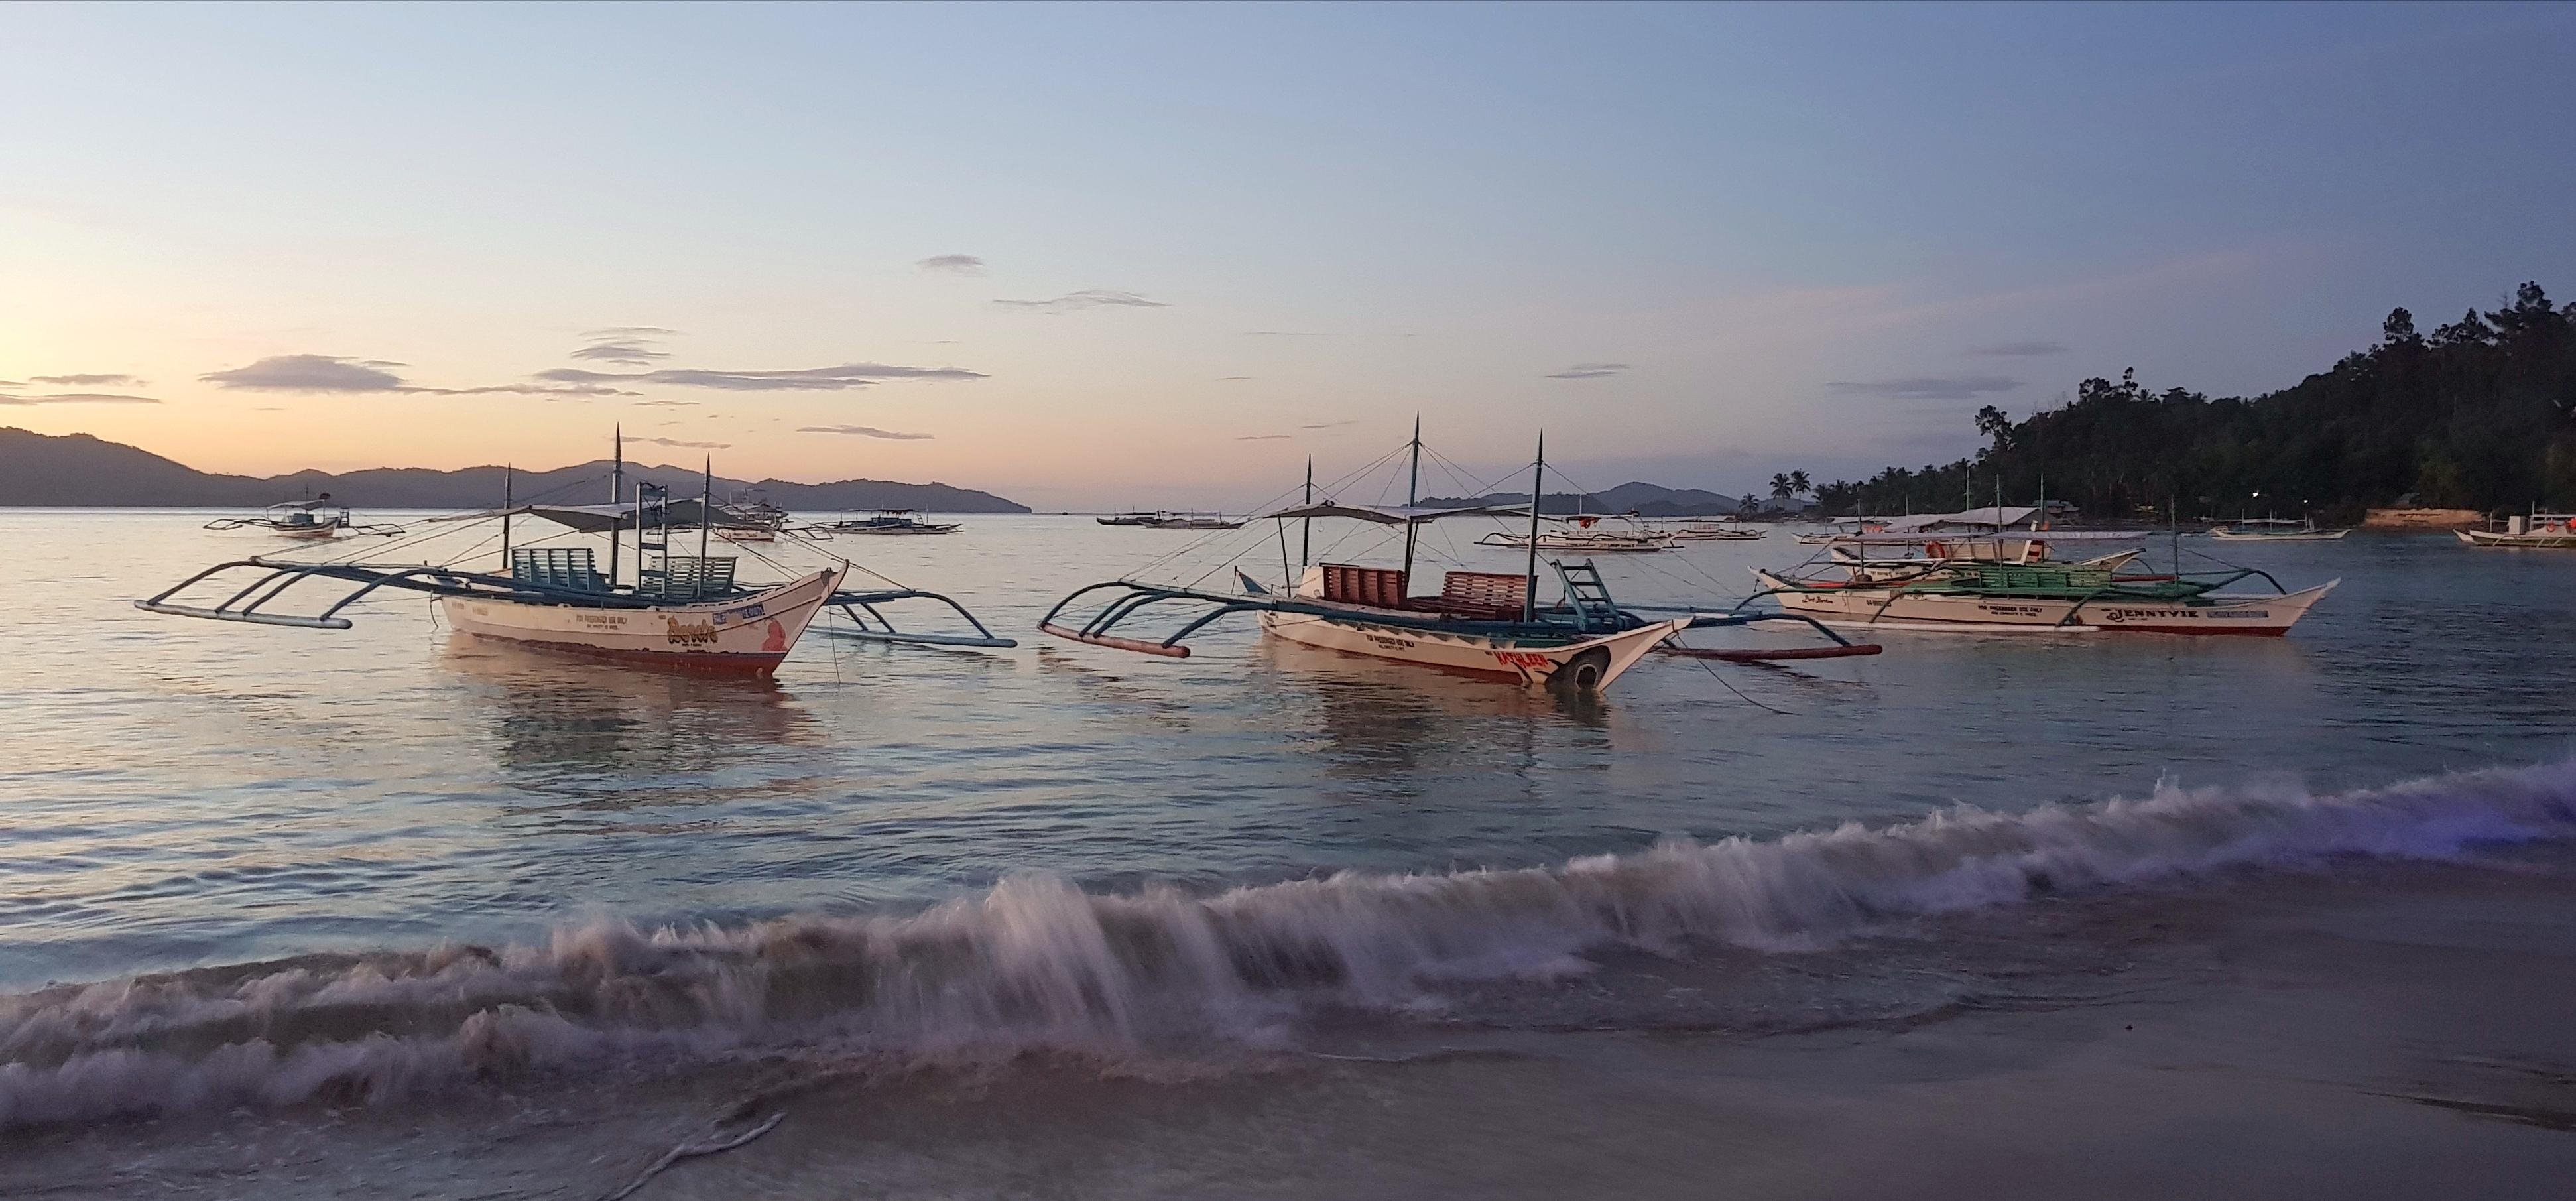 Sonnenuntergang mit Schiffen im Meer in Port Barton